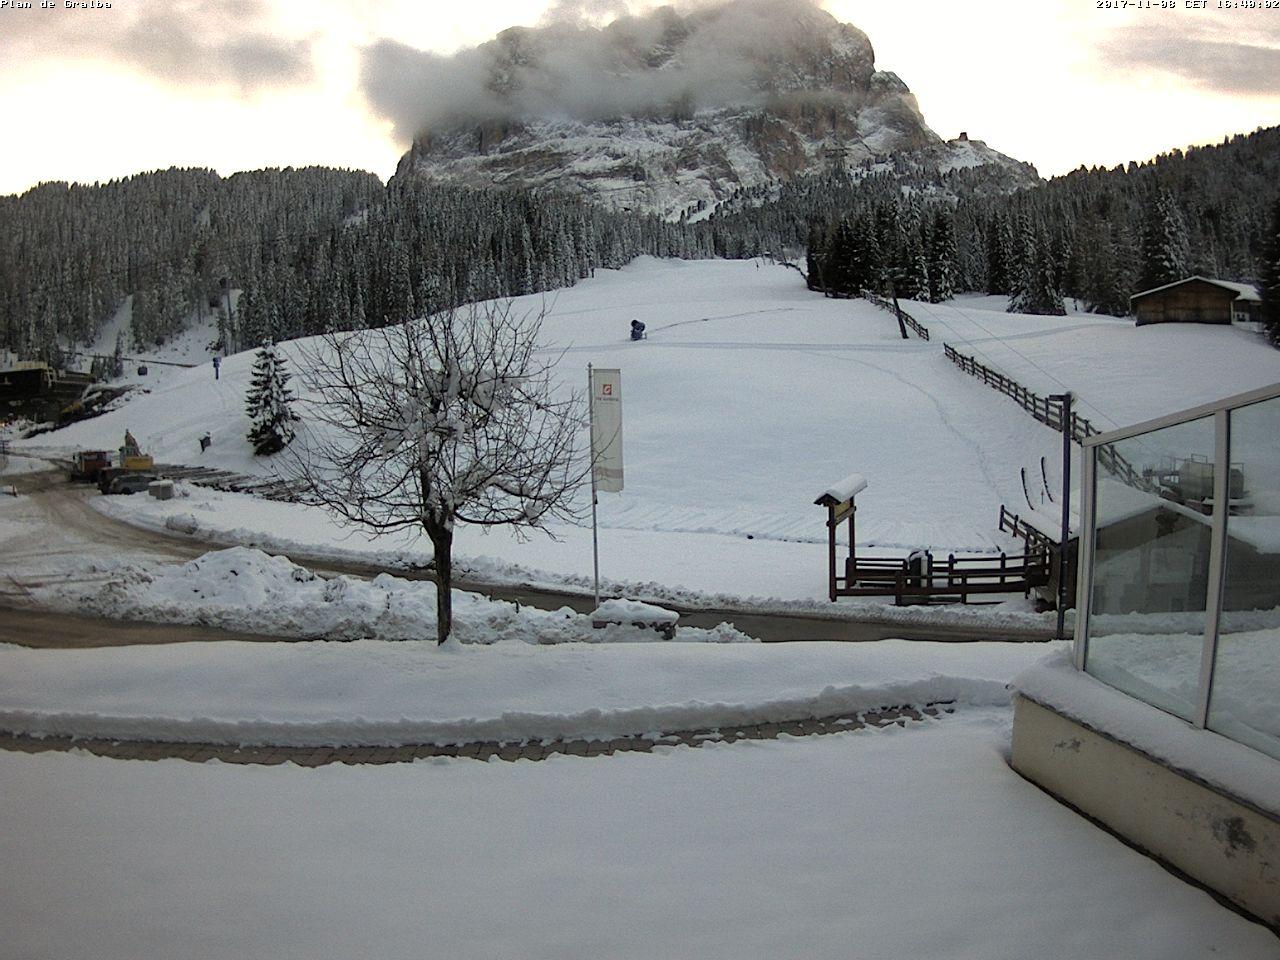 Neve in Val Gardena - Webcam Plan de Gralba, 8 novembre 2017